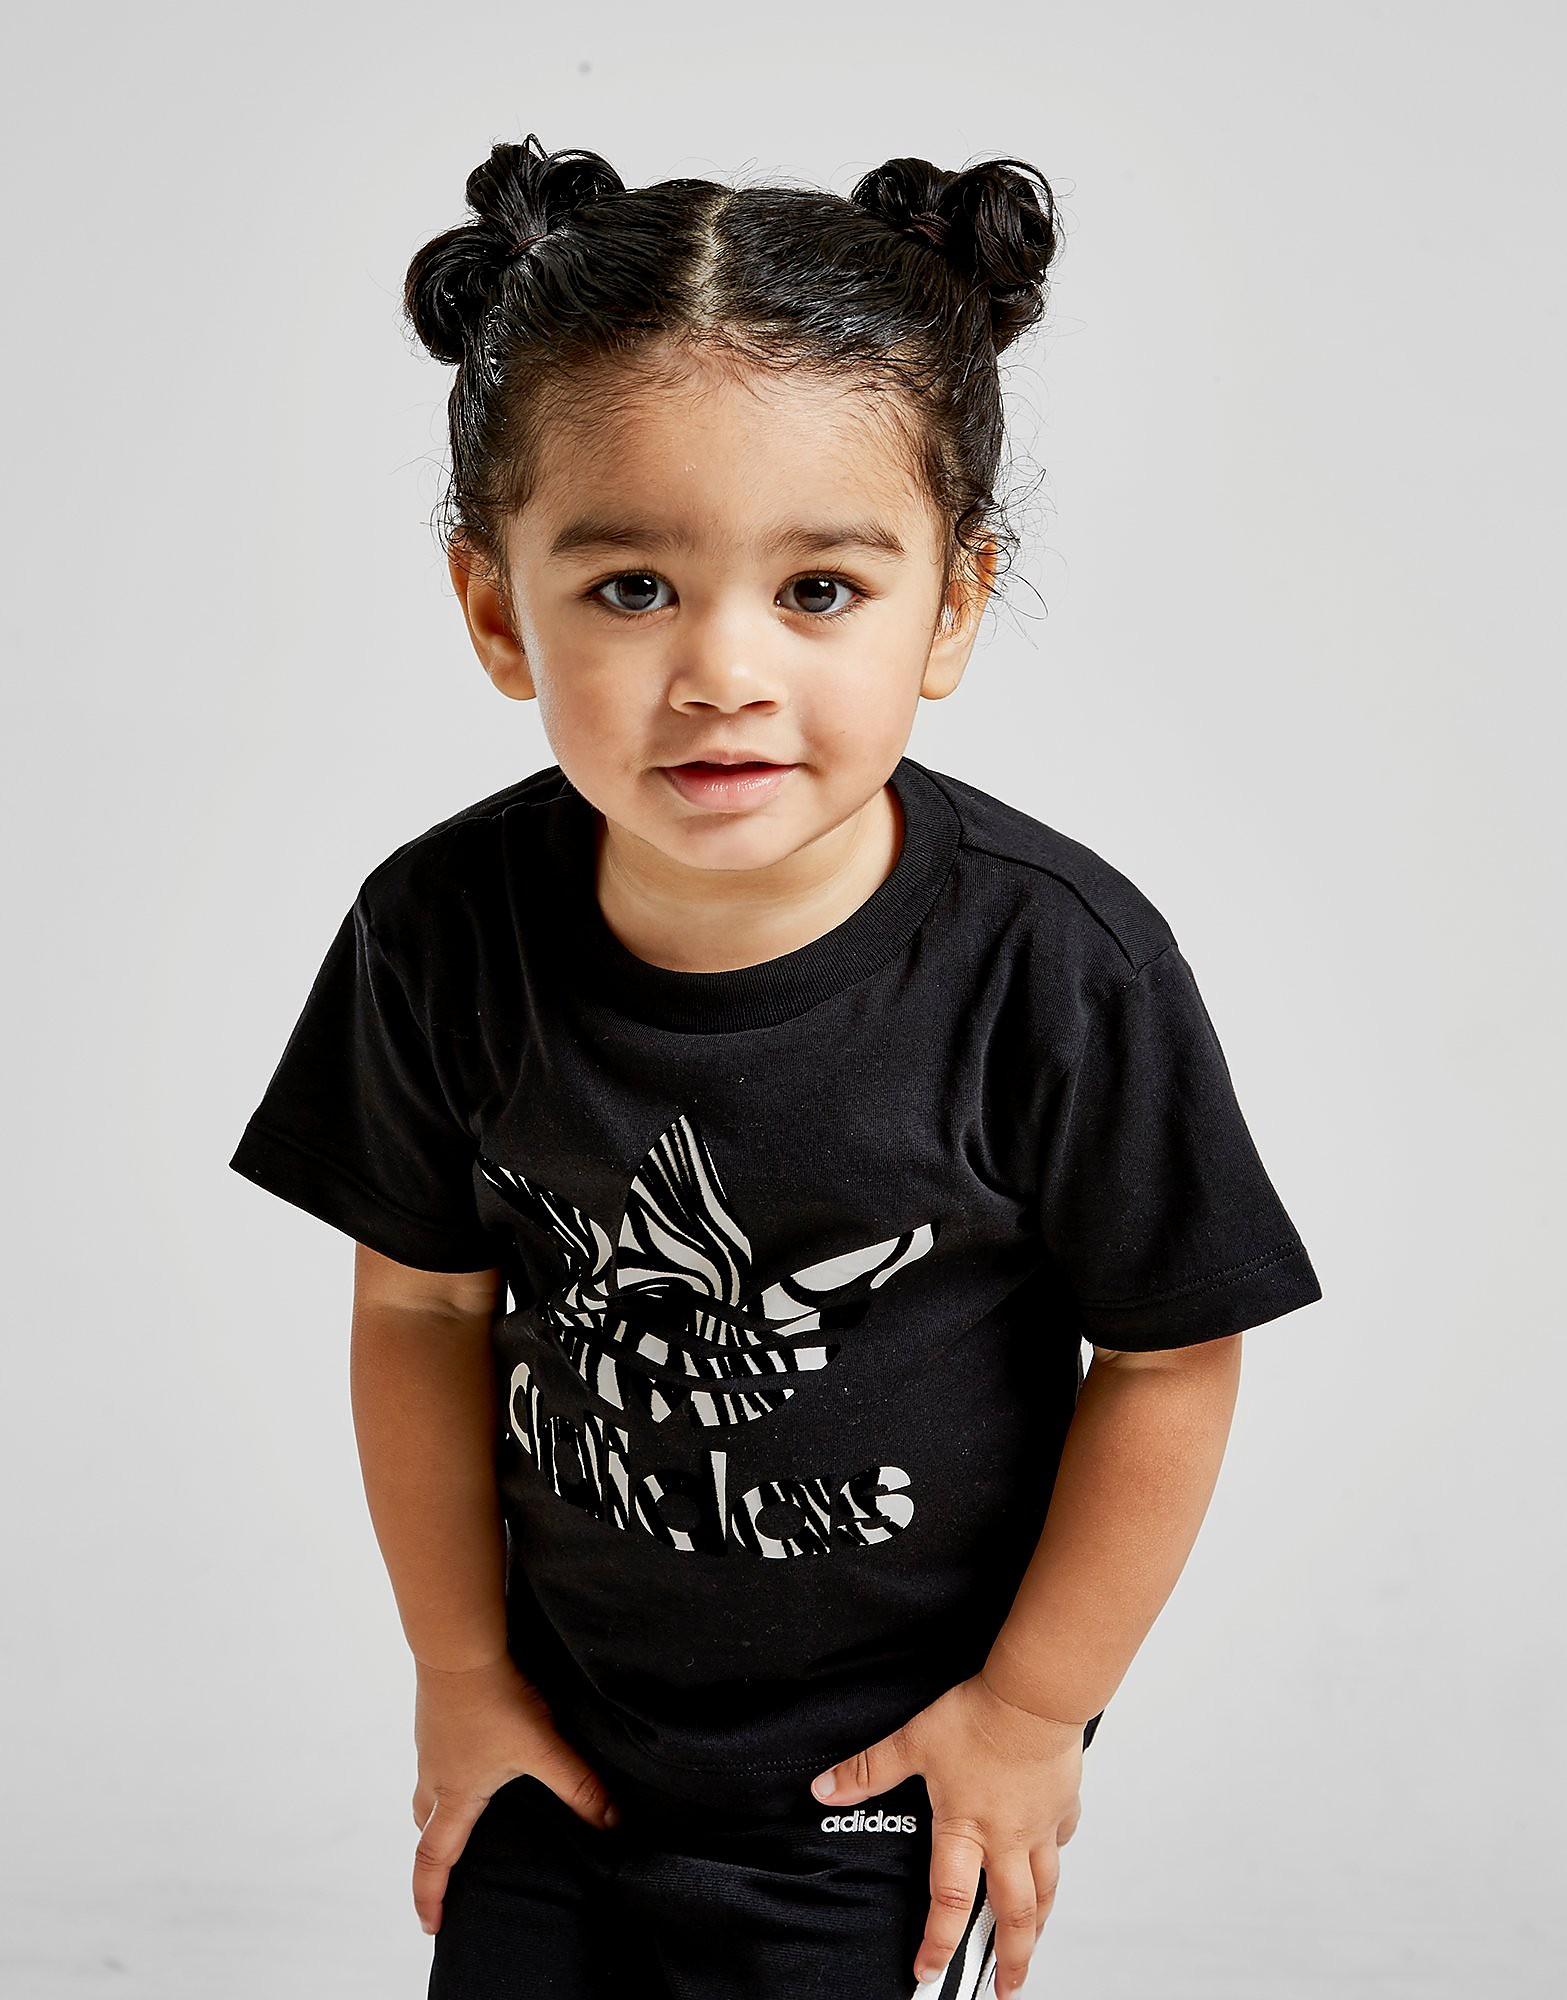 adidas Originals Girls' Zebra Infil T-Shirt Baby's - Zwart - Kind